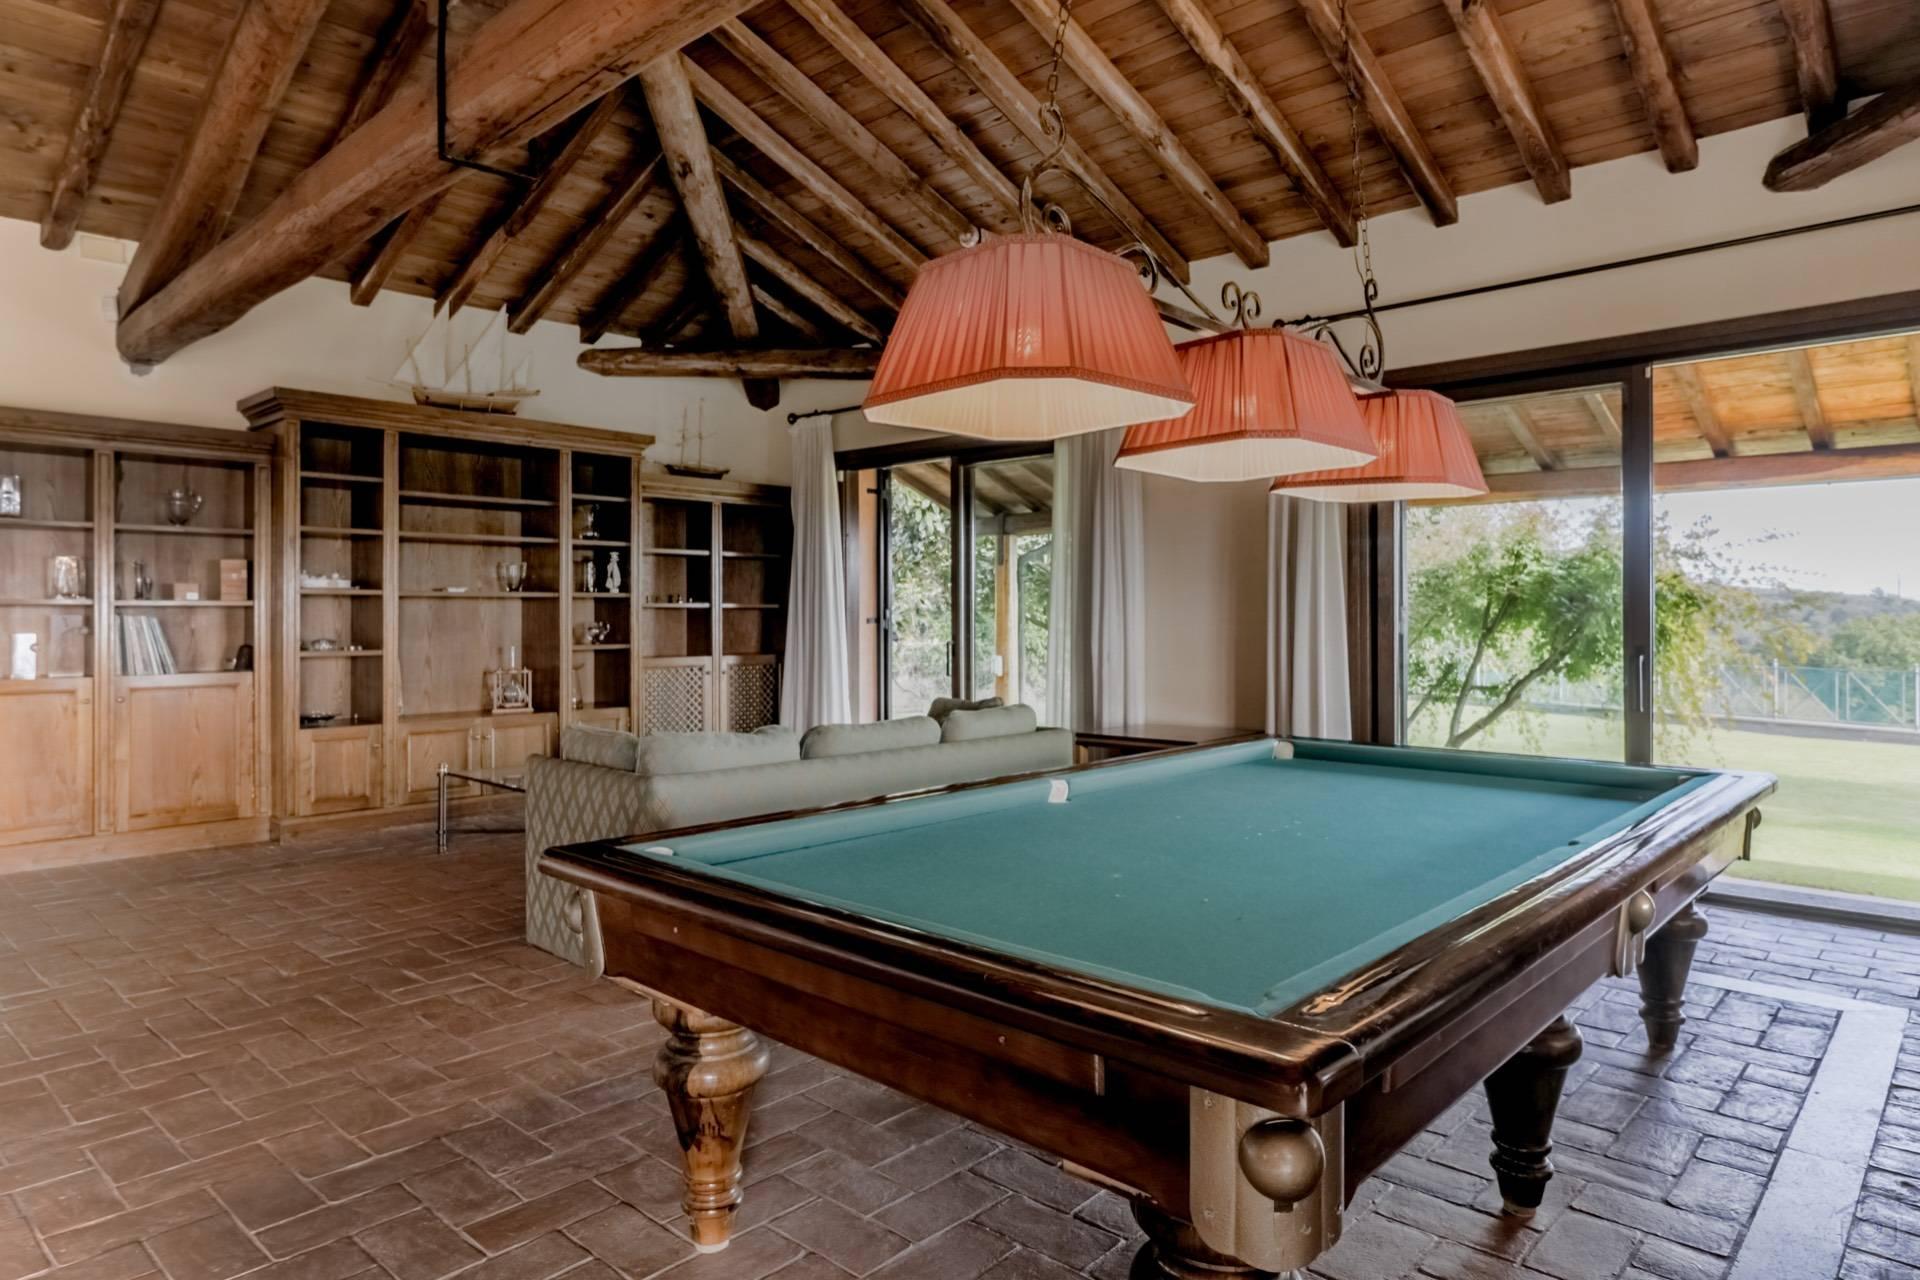 Villa in Vendita a Sacrofano: 5 locali, 180 mq - Foto 8